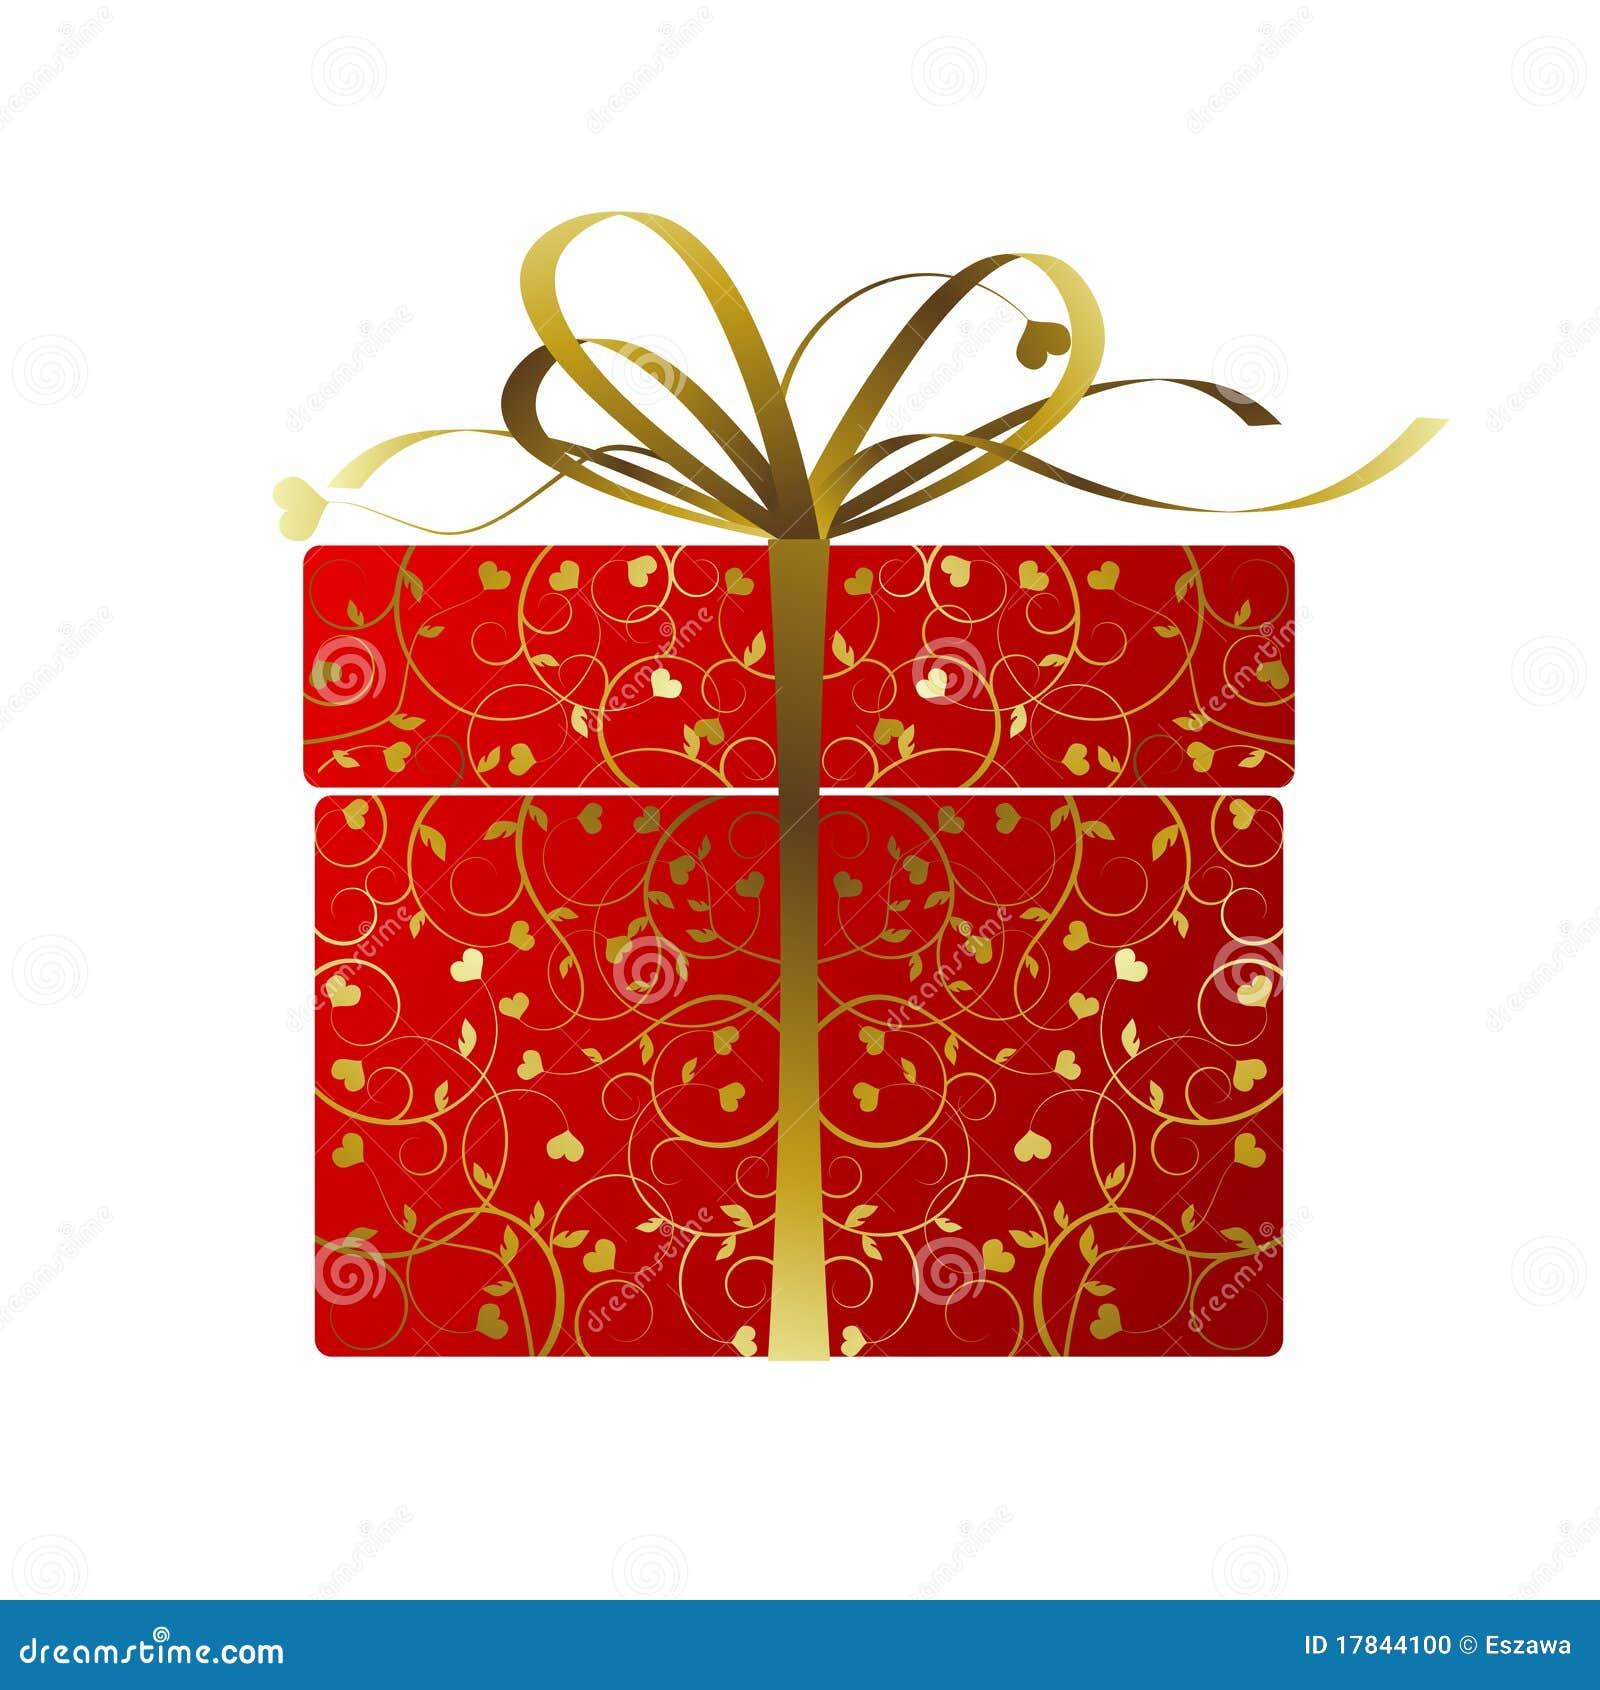 Regalo stilizzato illustrazione vettoriale immagine di for Immagini di pacchetti regalo